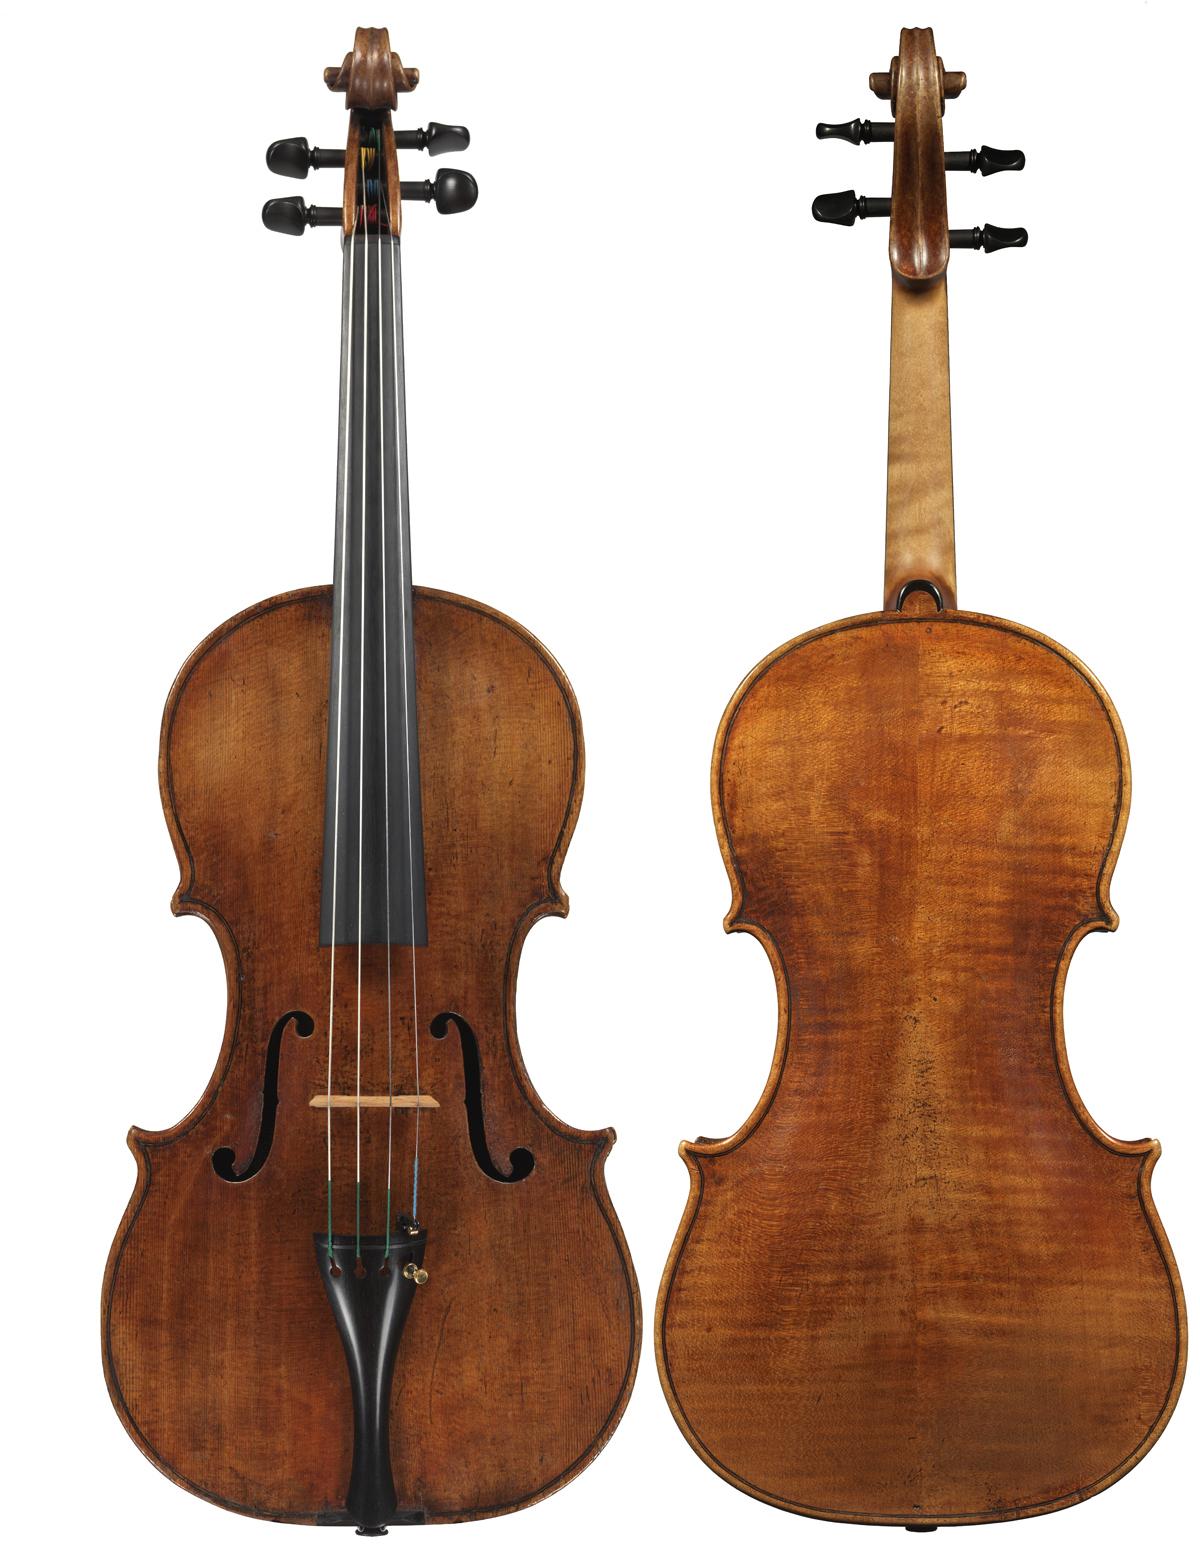 Viola by Carlo Tononi